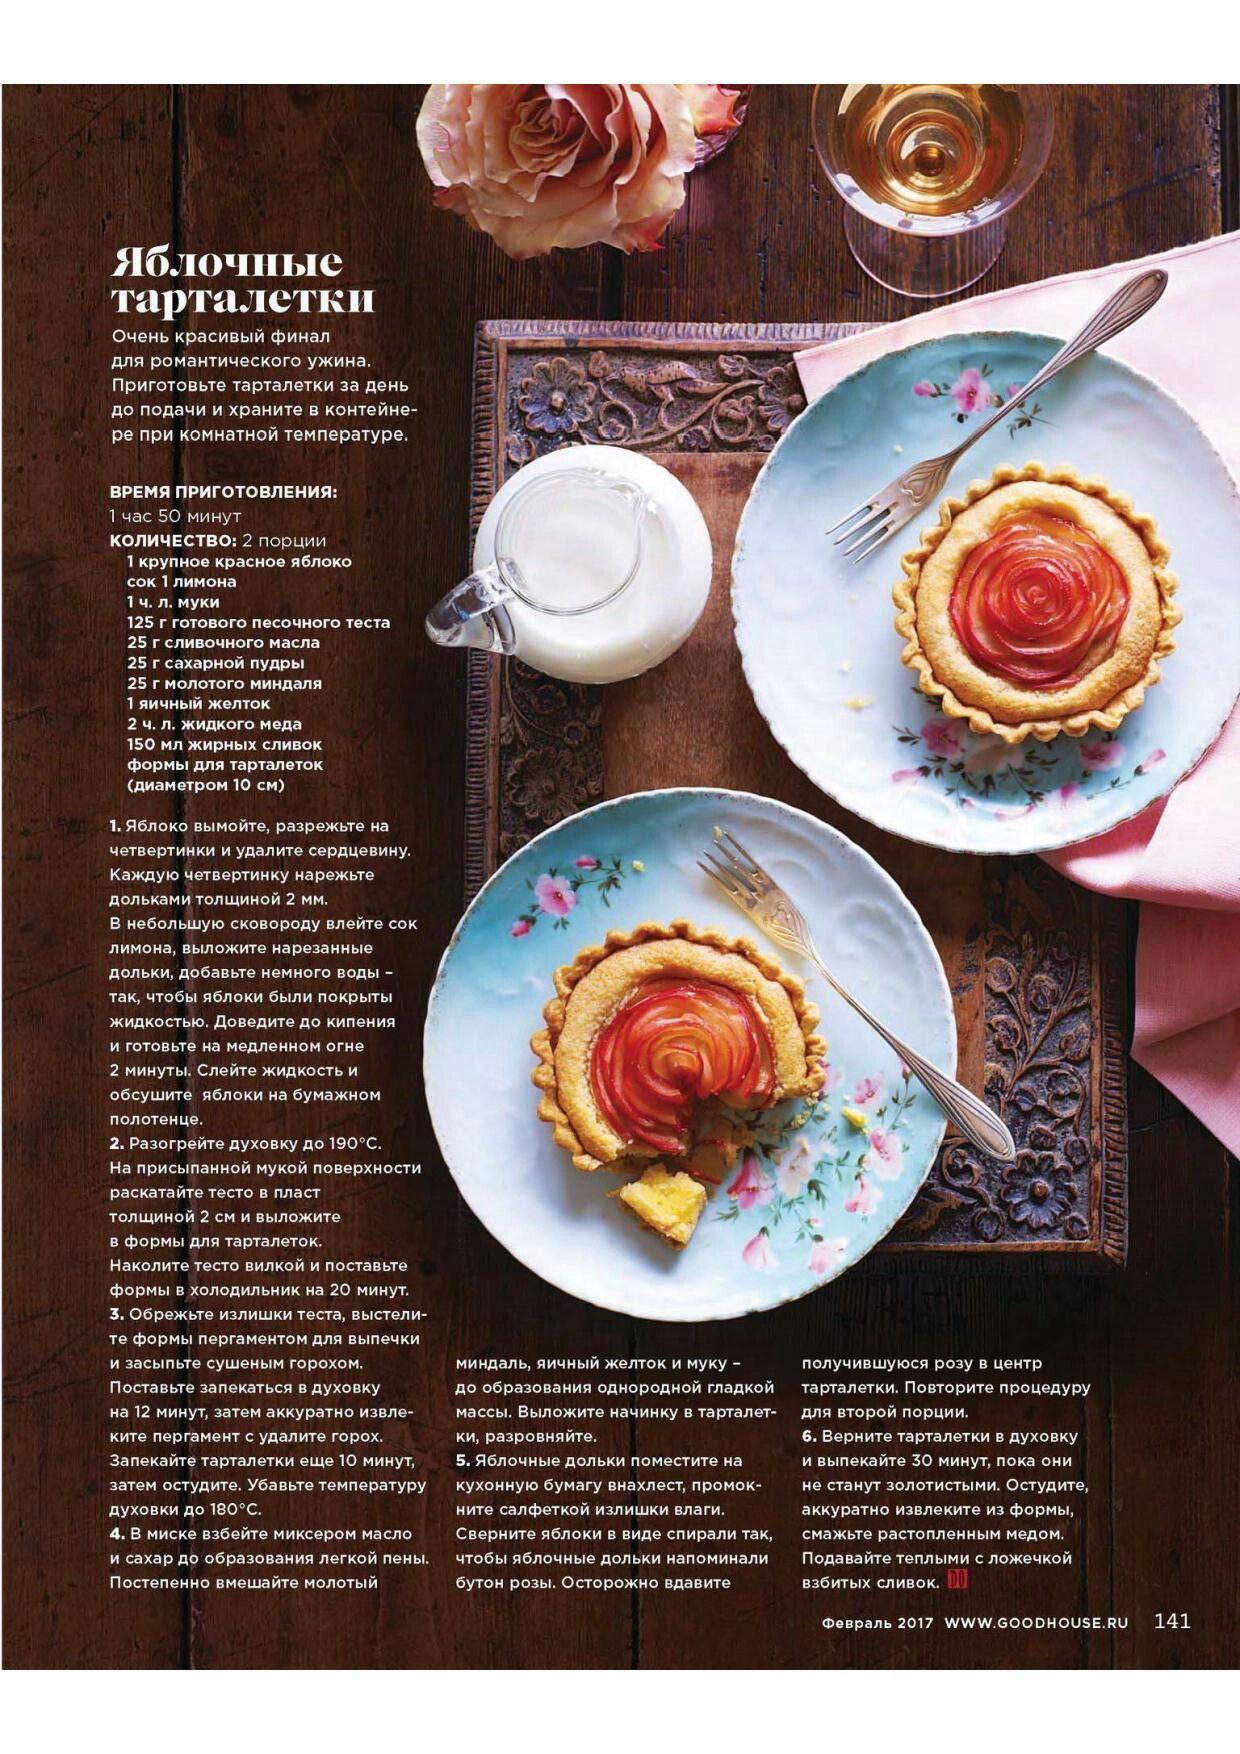 Яблочные тарталетки | Вкусняшки, Рецепты выпечки, Кулинария